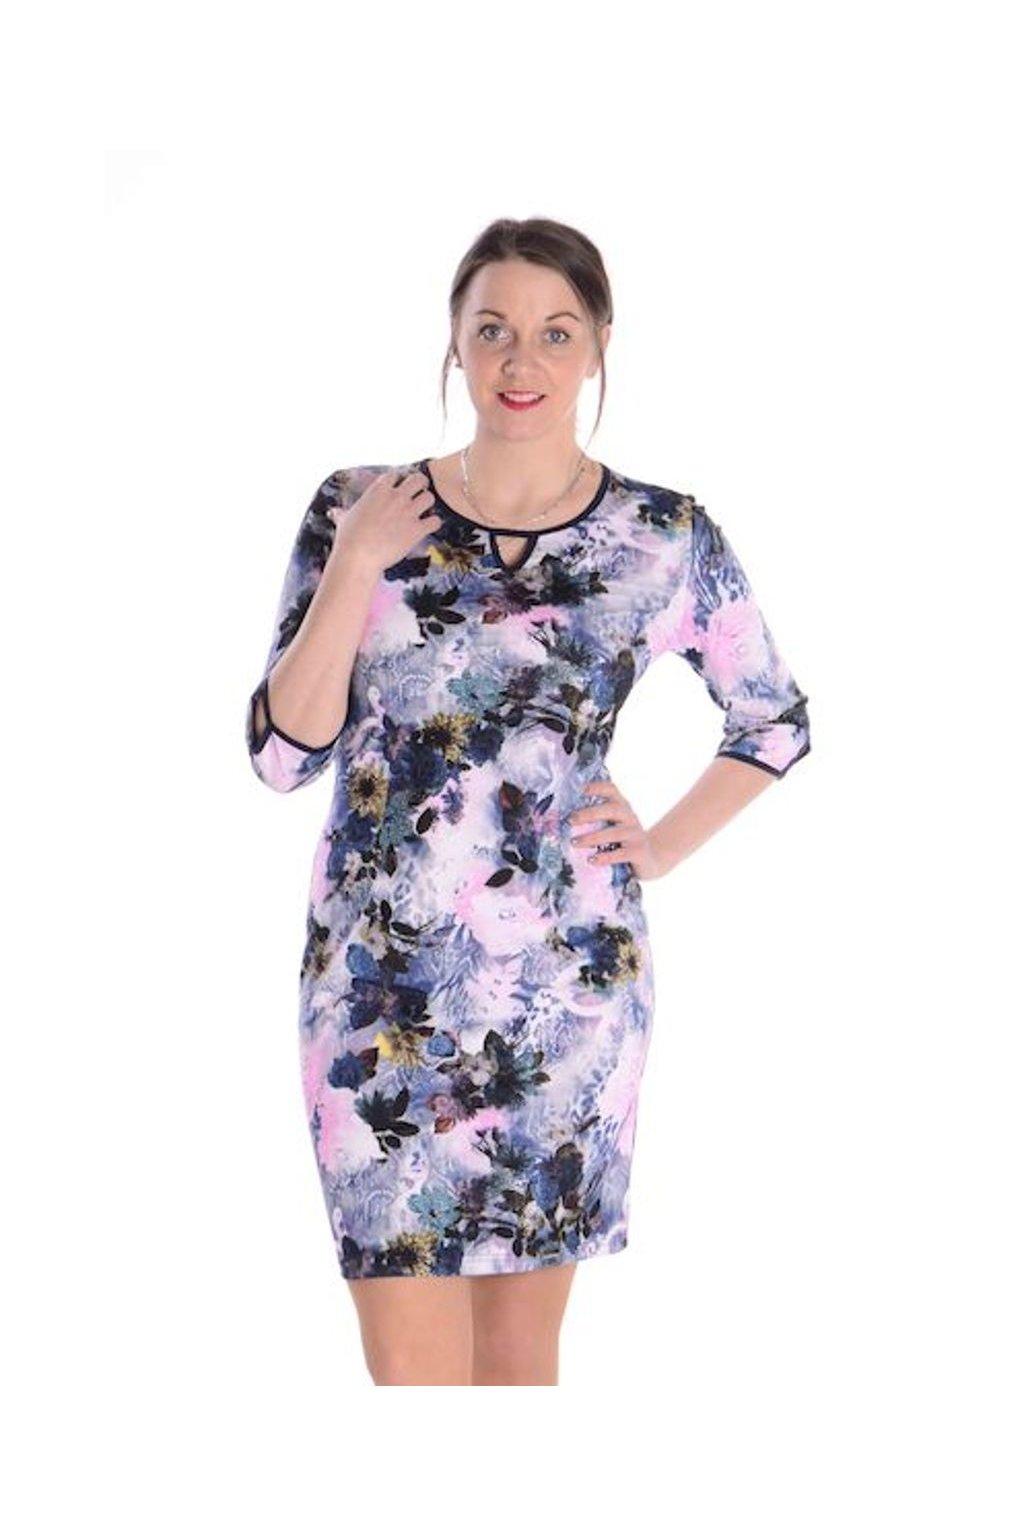 2921 Šaty Viola (Velikost 36, Barva Vzorovaná)